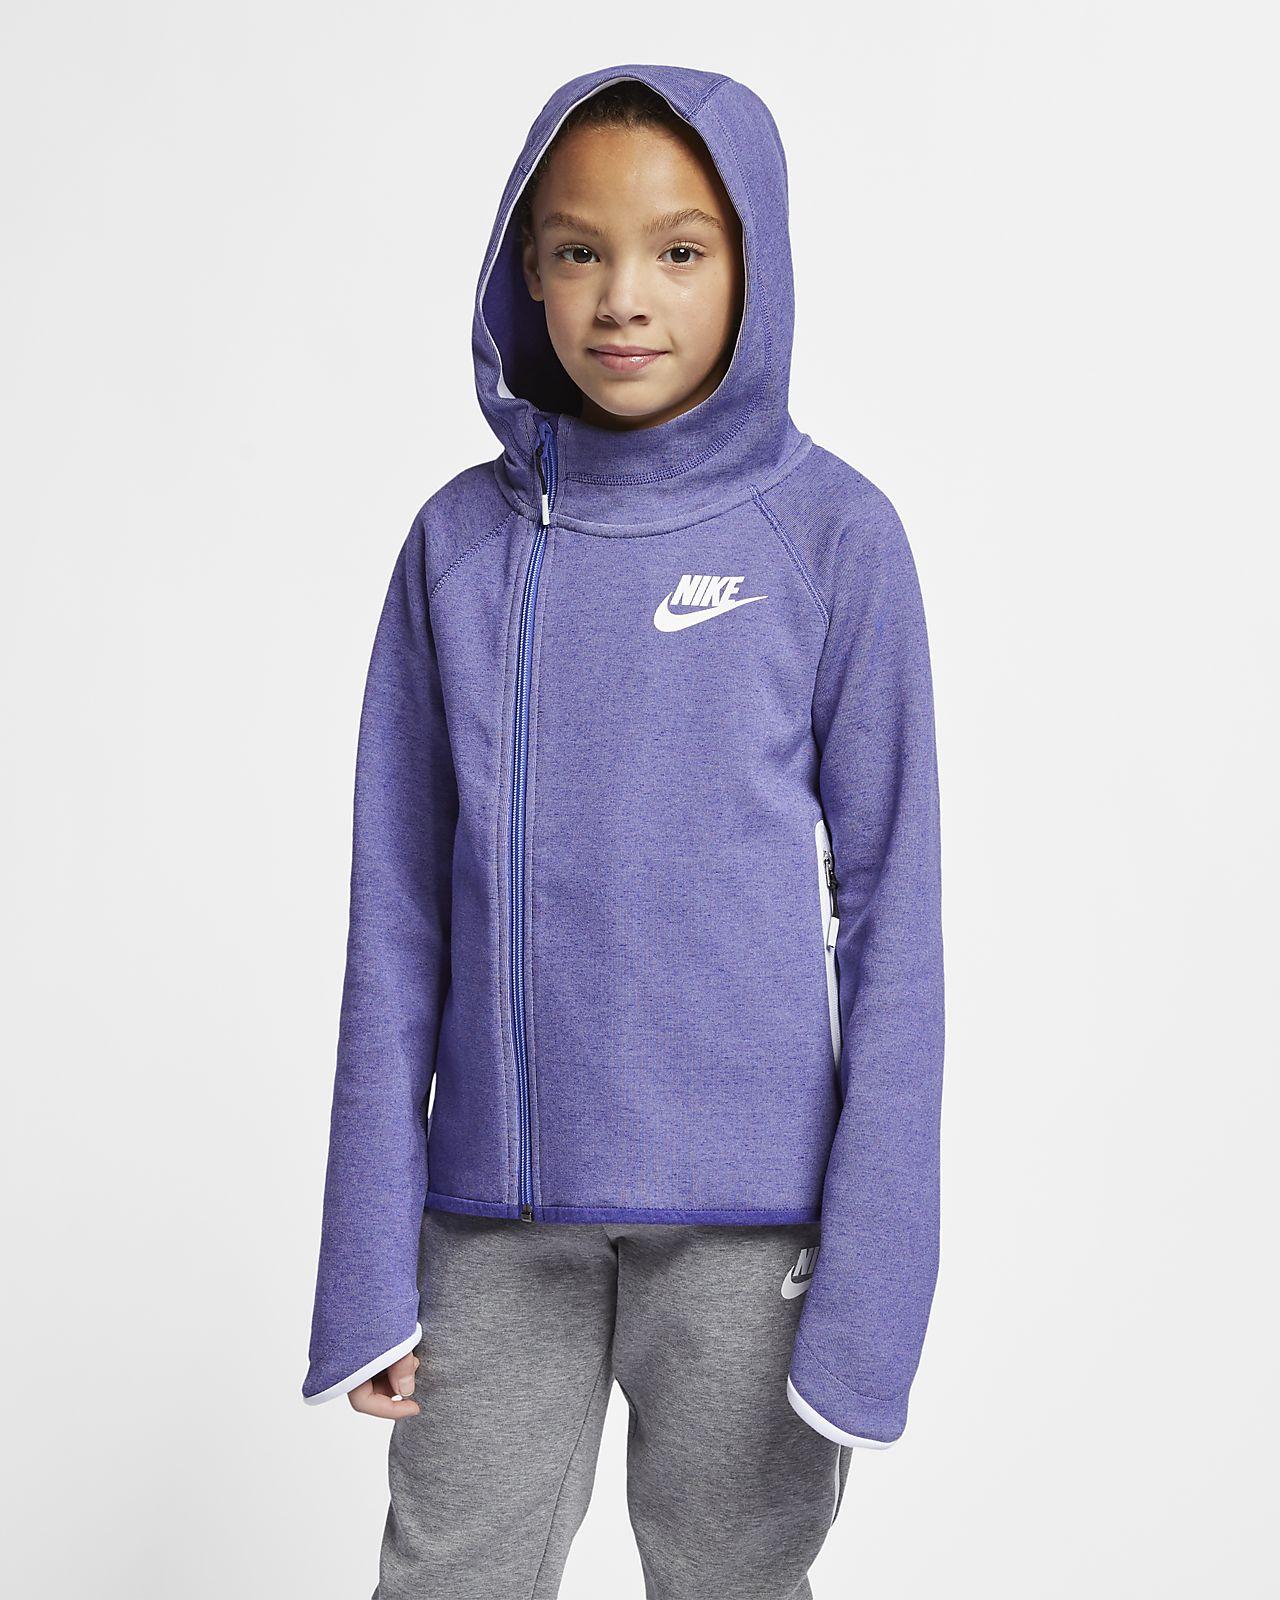 À Pour Capuche Tech Fleece Plus Zippé Âgée Fille Sportswear Sweat Entièrement Nike eEbW9H2DIY